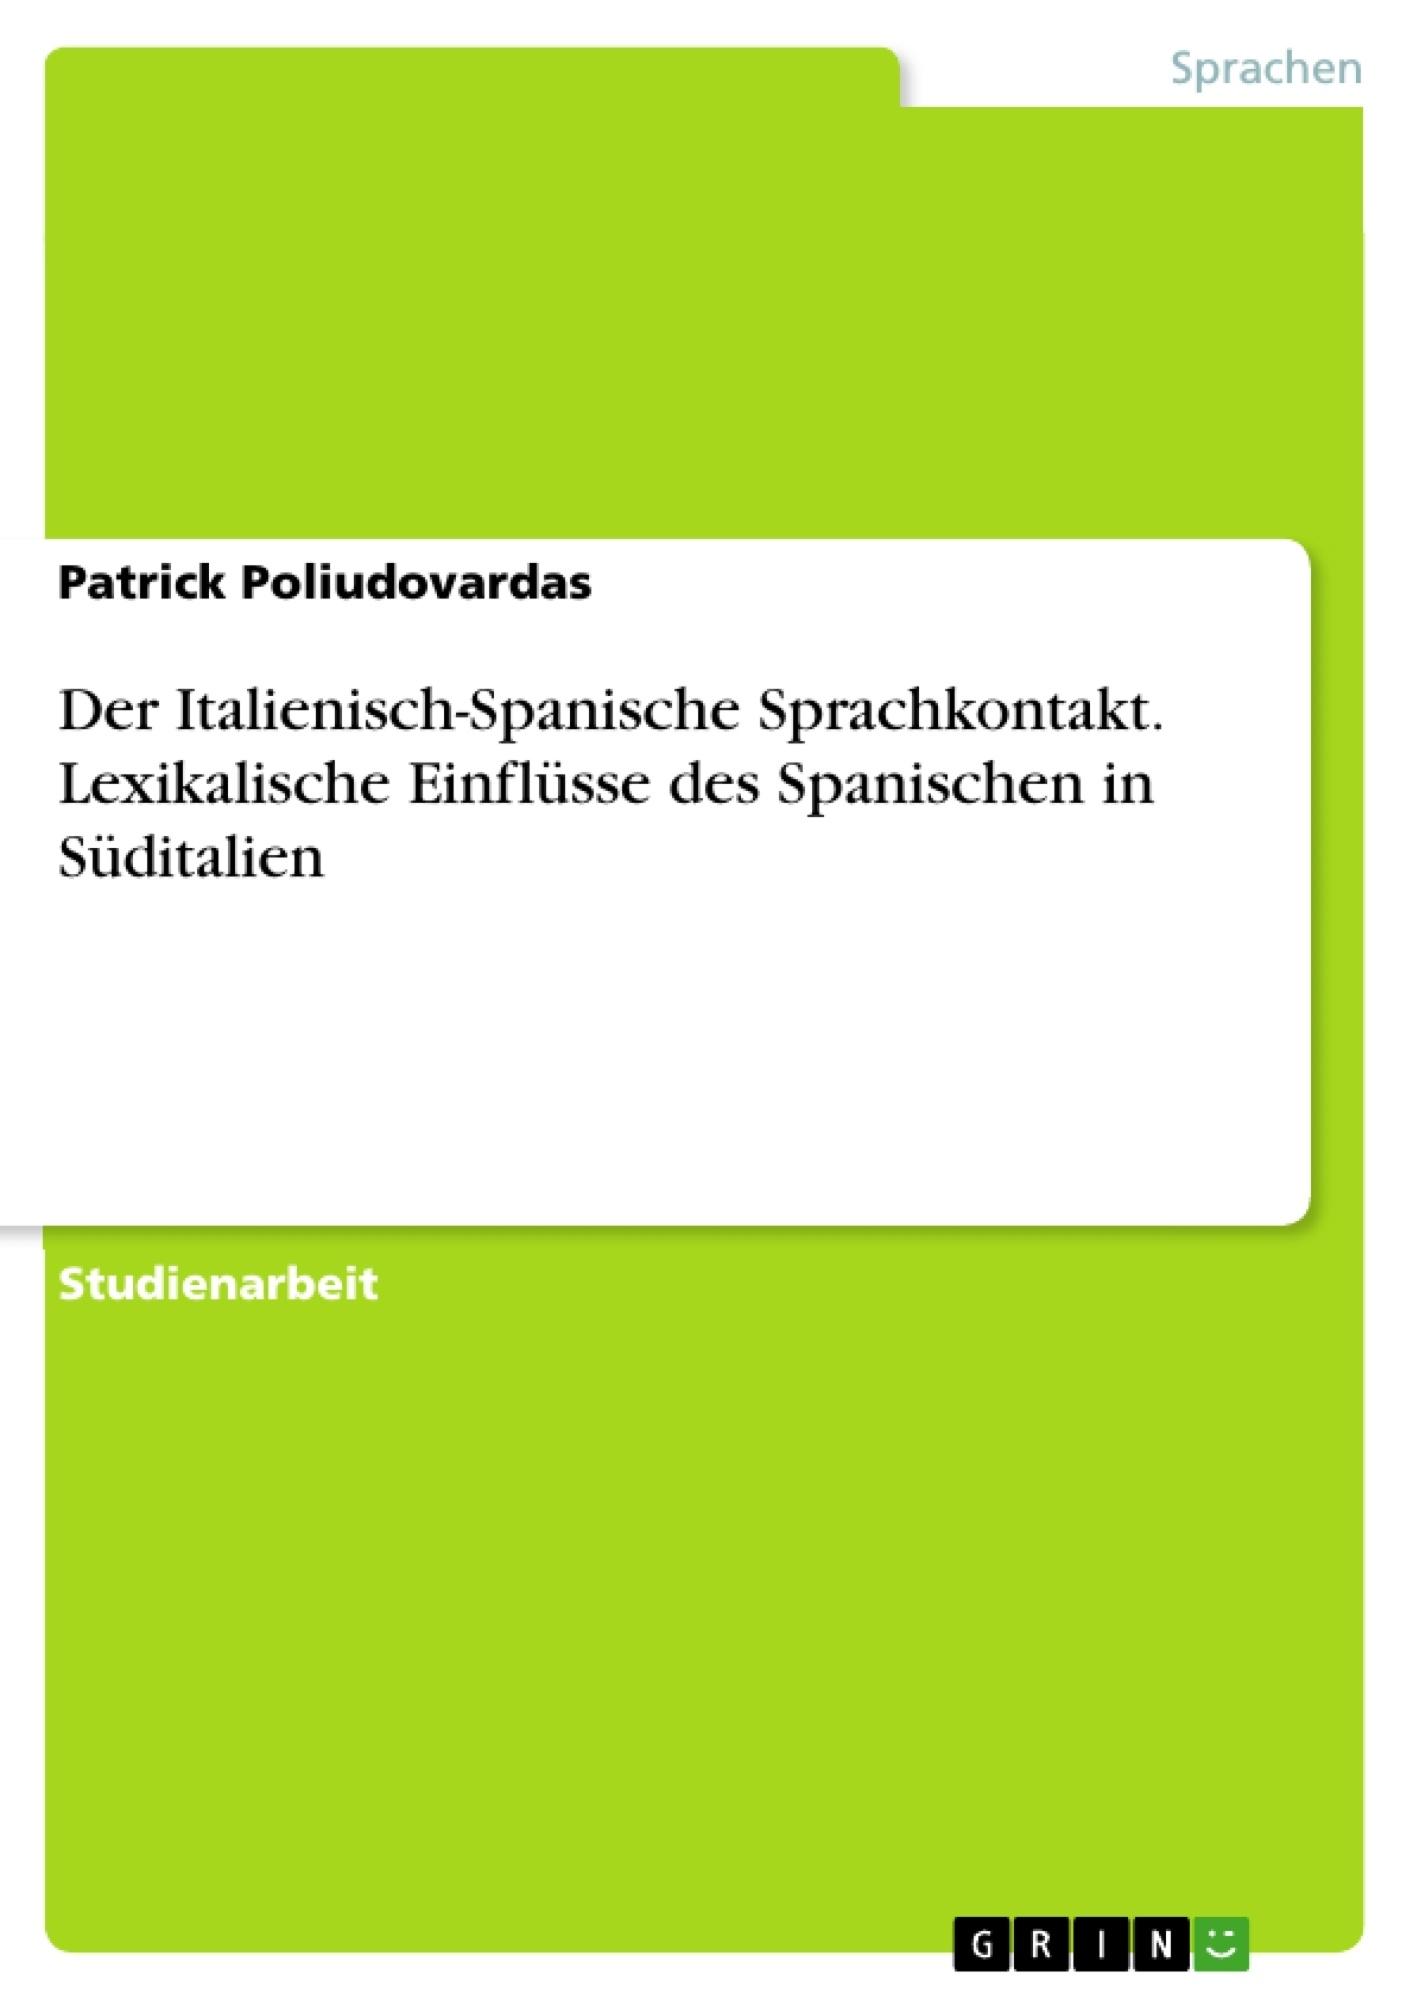 Titel: Der Italienisch-Spanische Sprachkontakt. Lexikalische Einflüsse des Spanischen in Süditalien